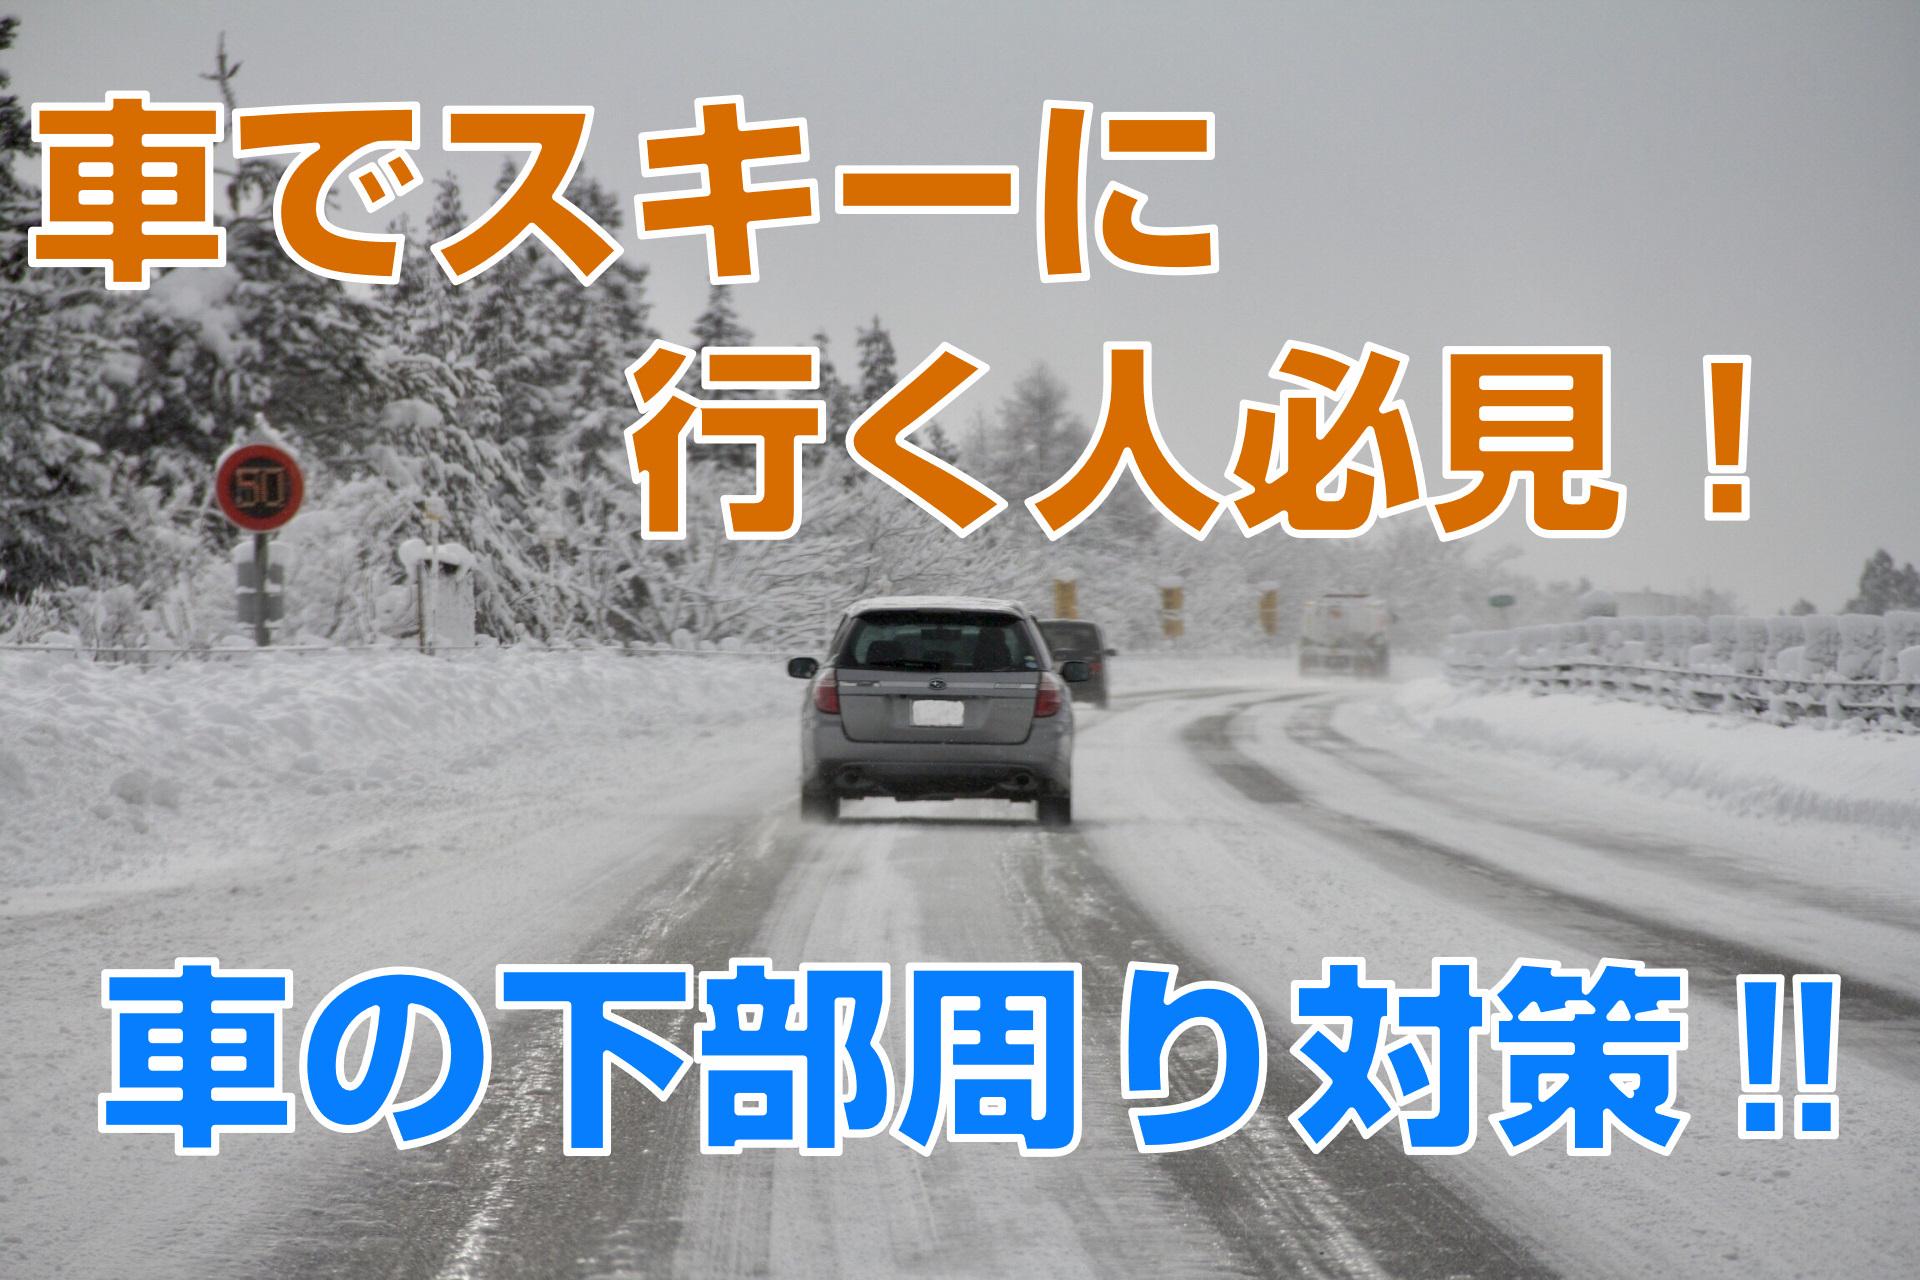 【車でスキー行く方必見!!】車の下部気にしていますか??